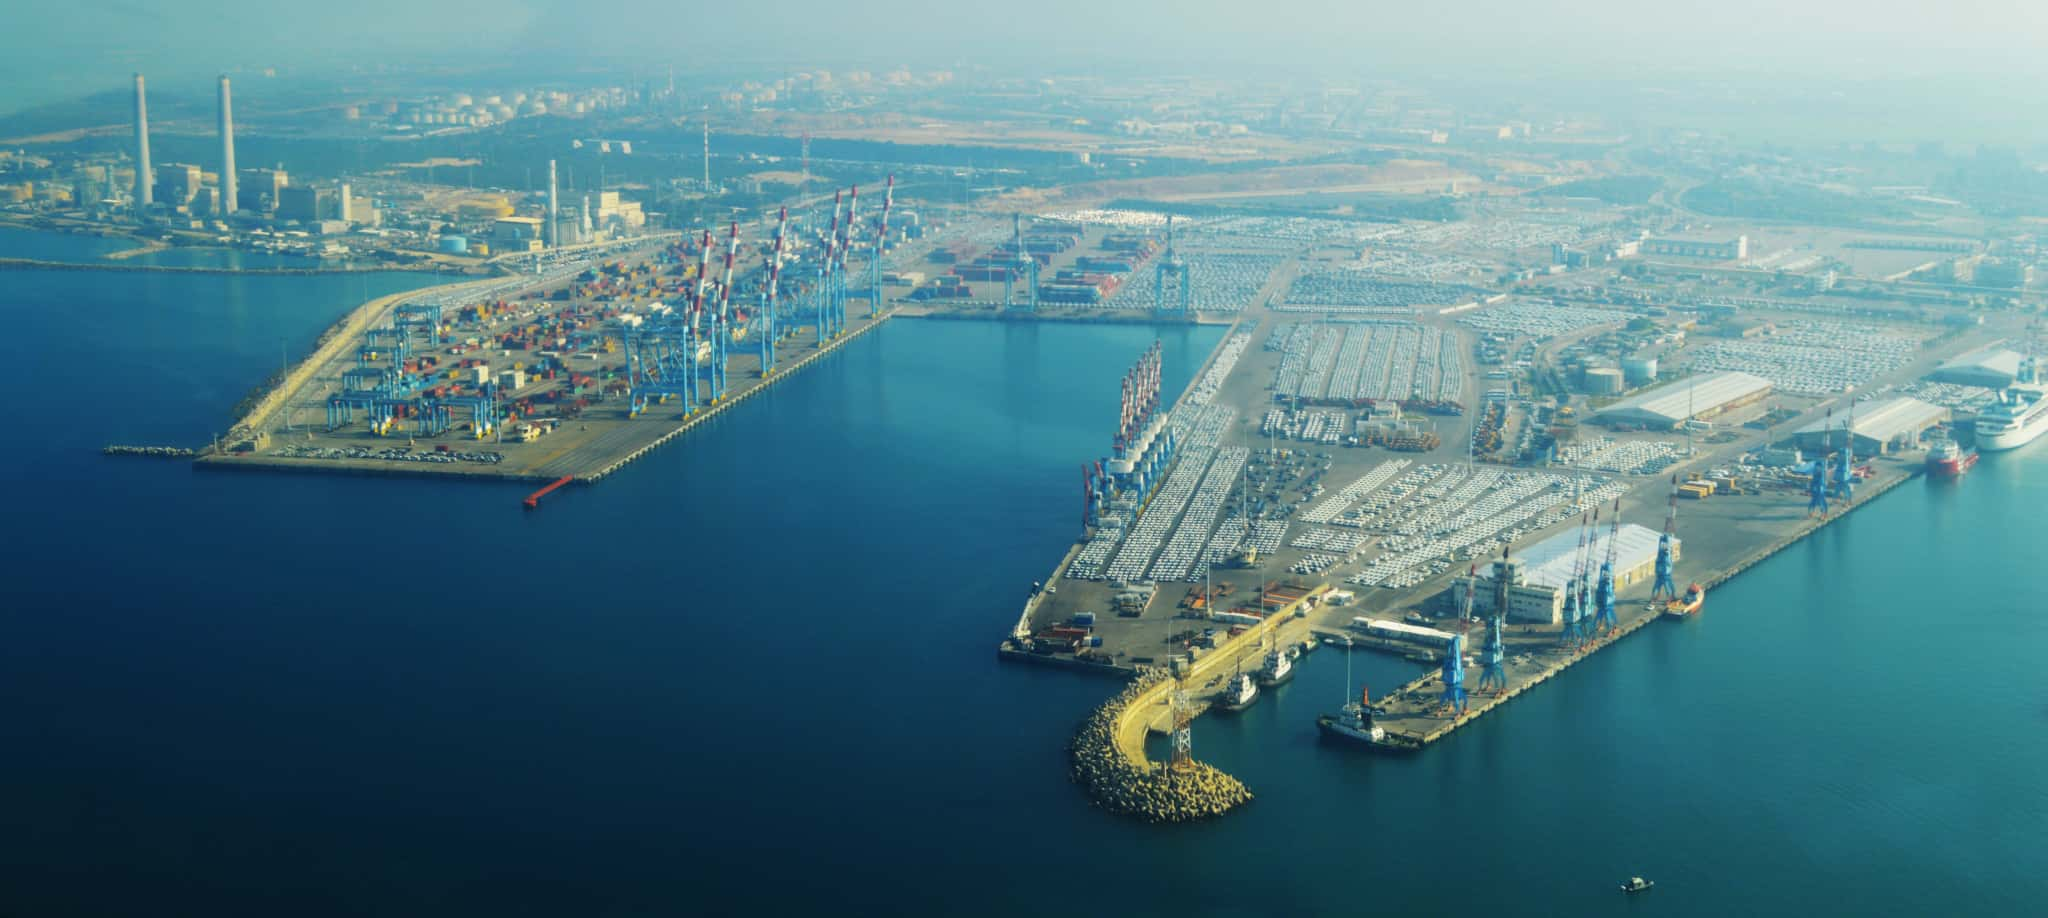 شرکت های چینی در اسرائیل